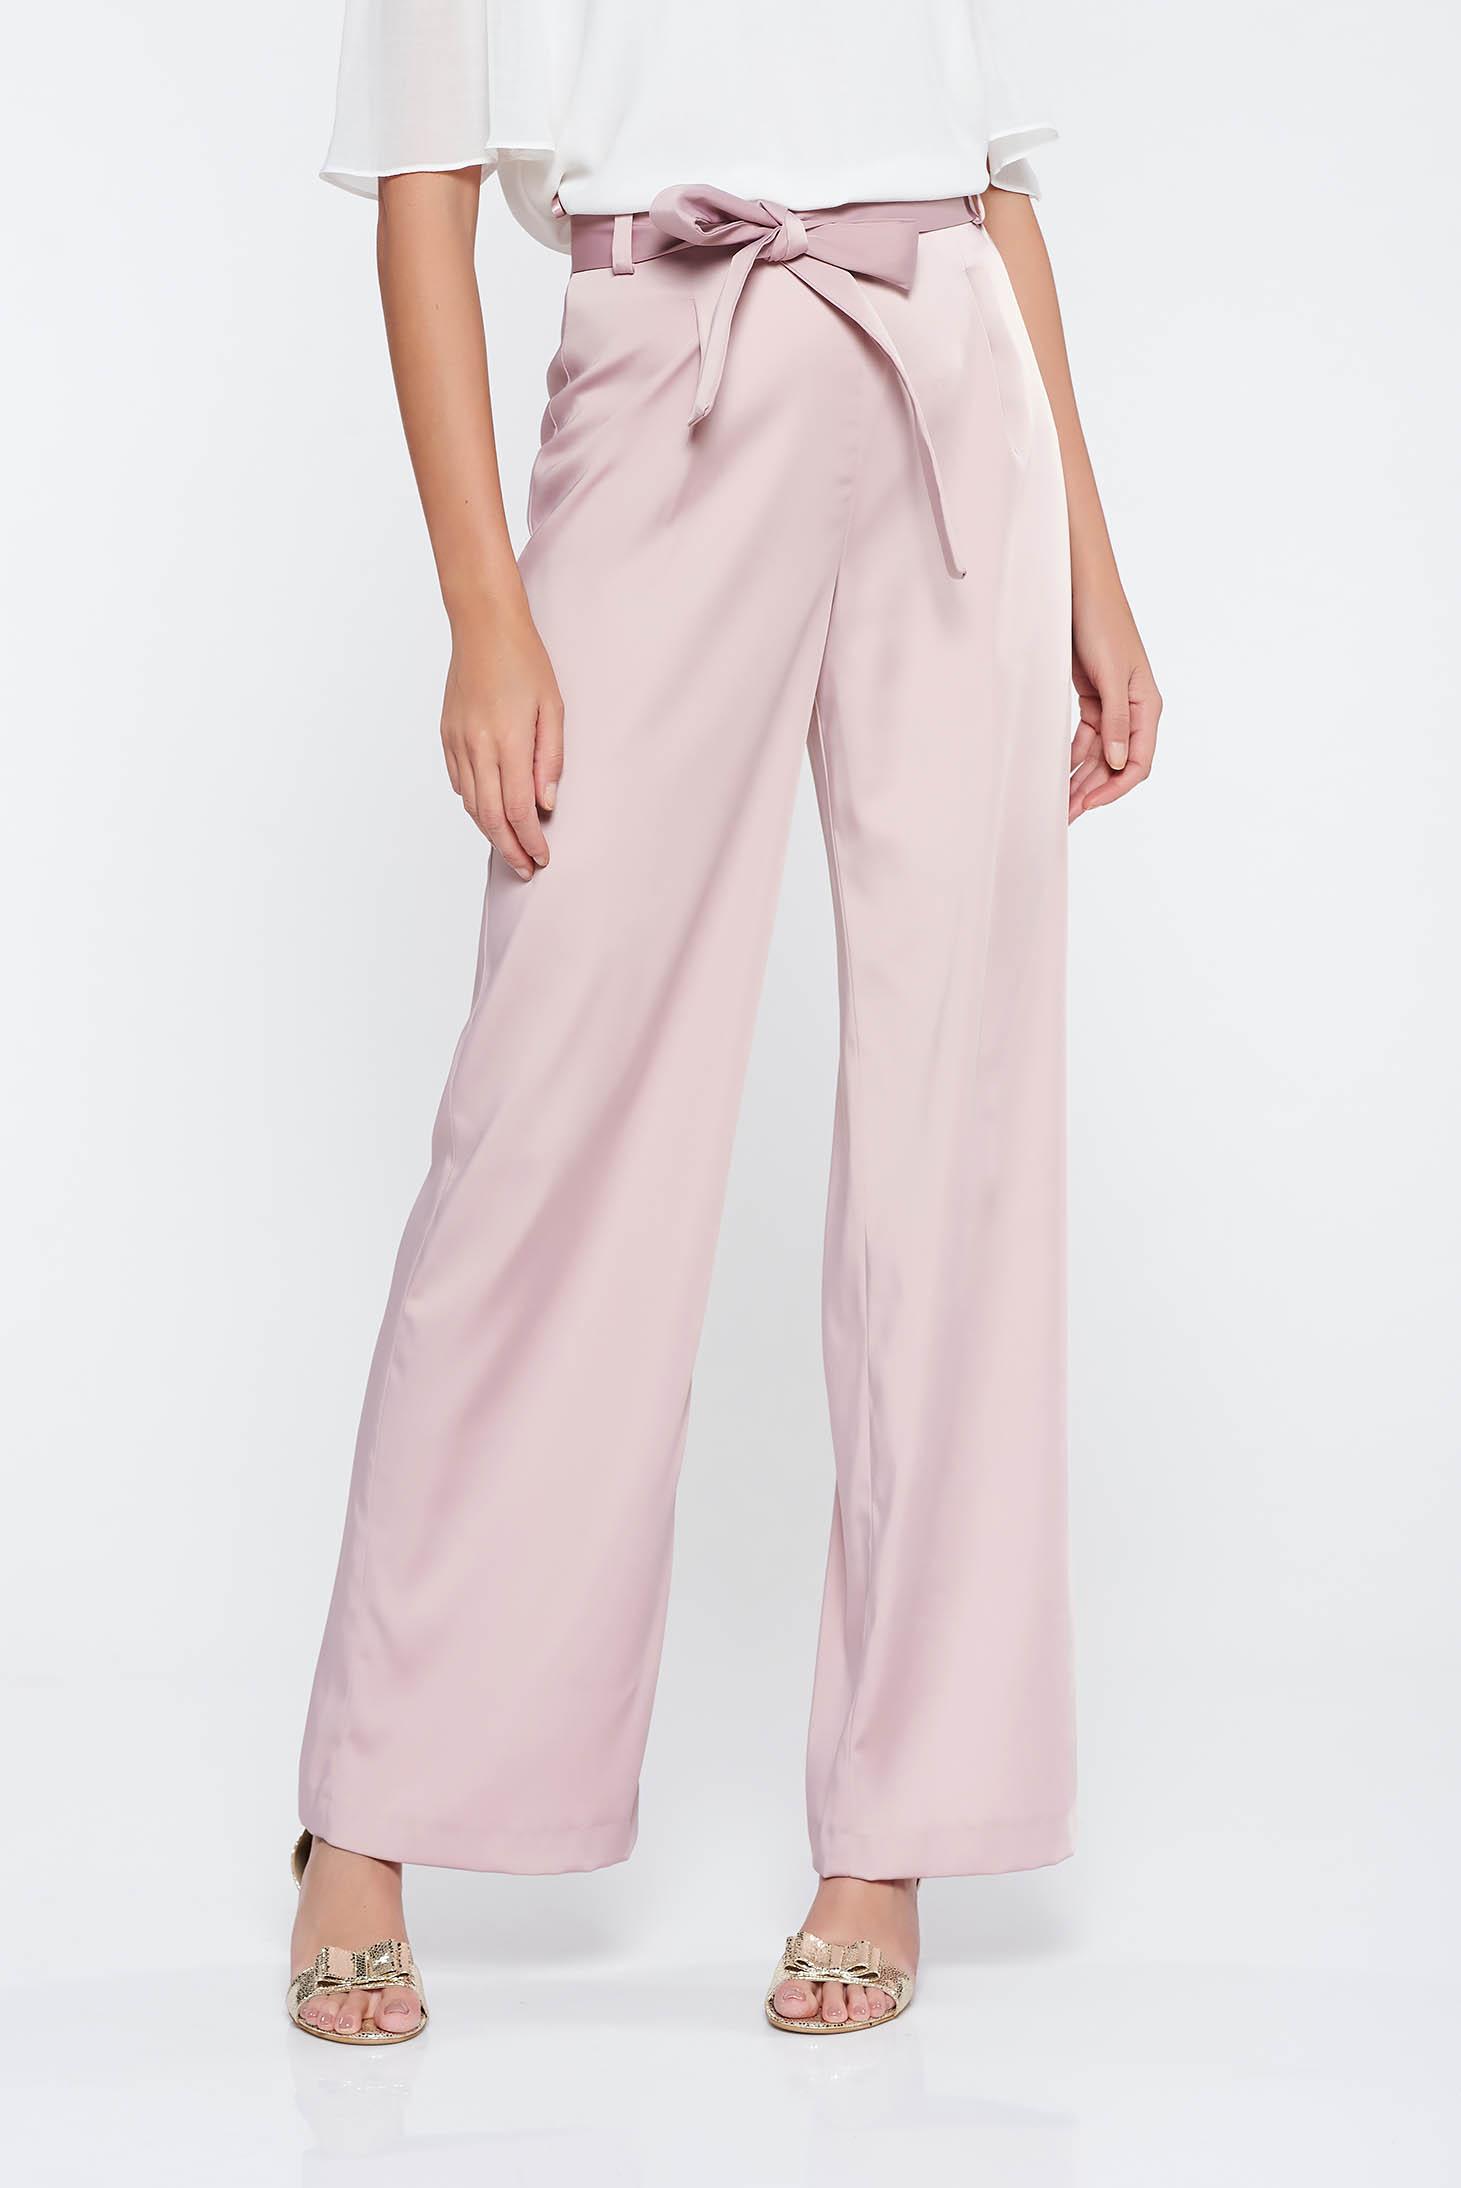 Rózsaszínű elegáns magas derekú bővülő nadrág enyhén elasztikus szövet övvel ellátva